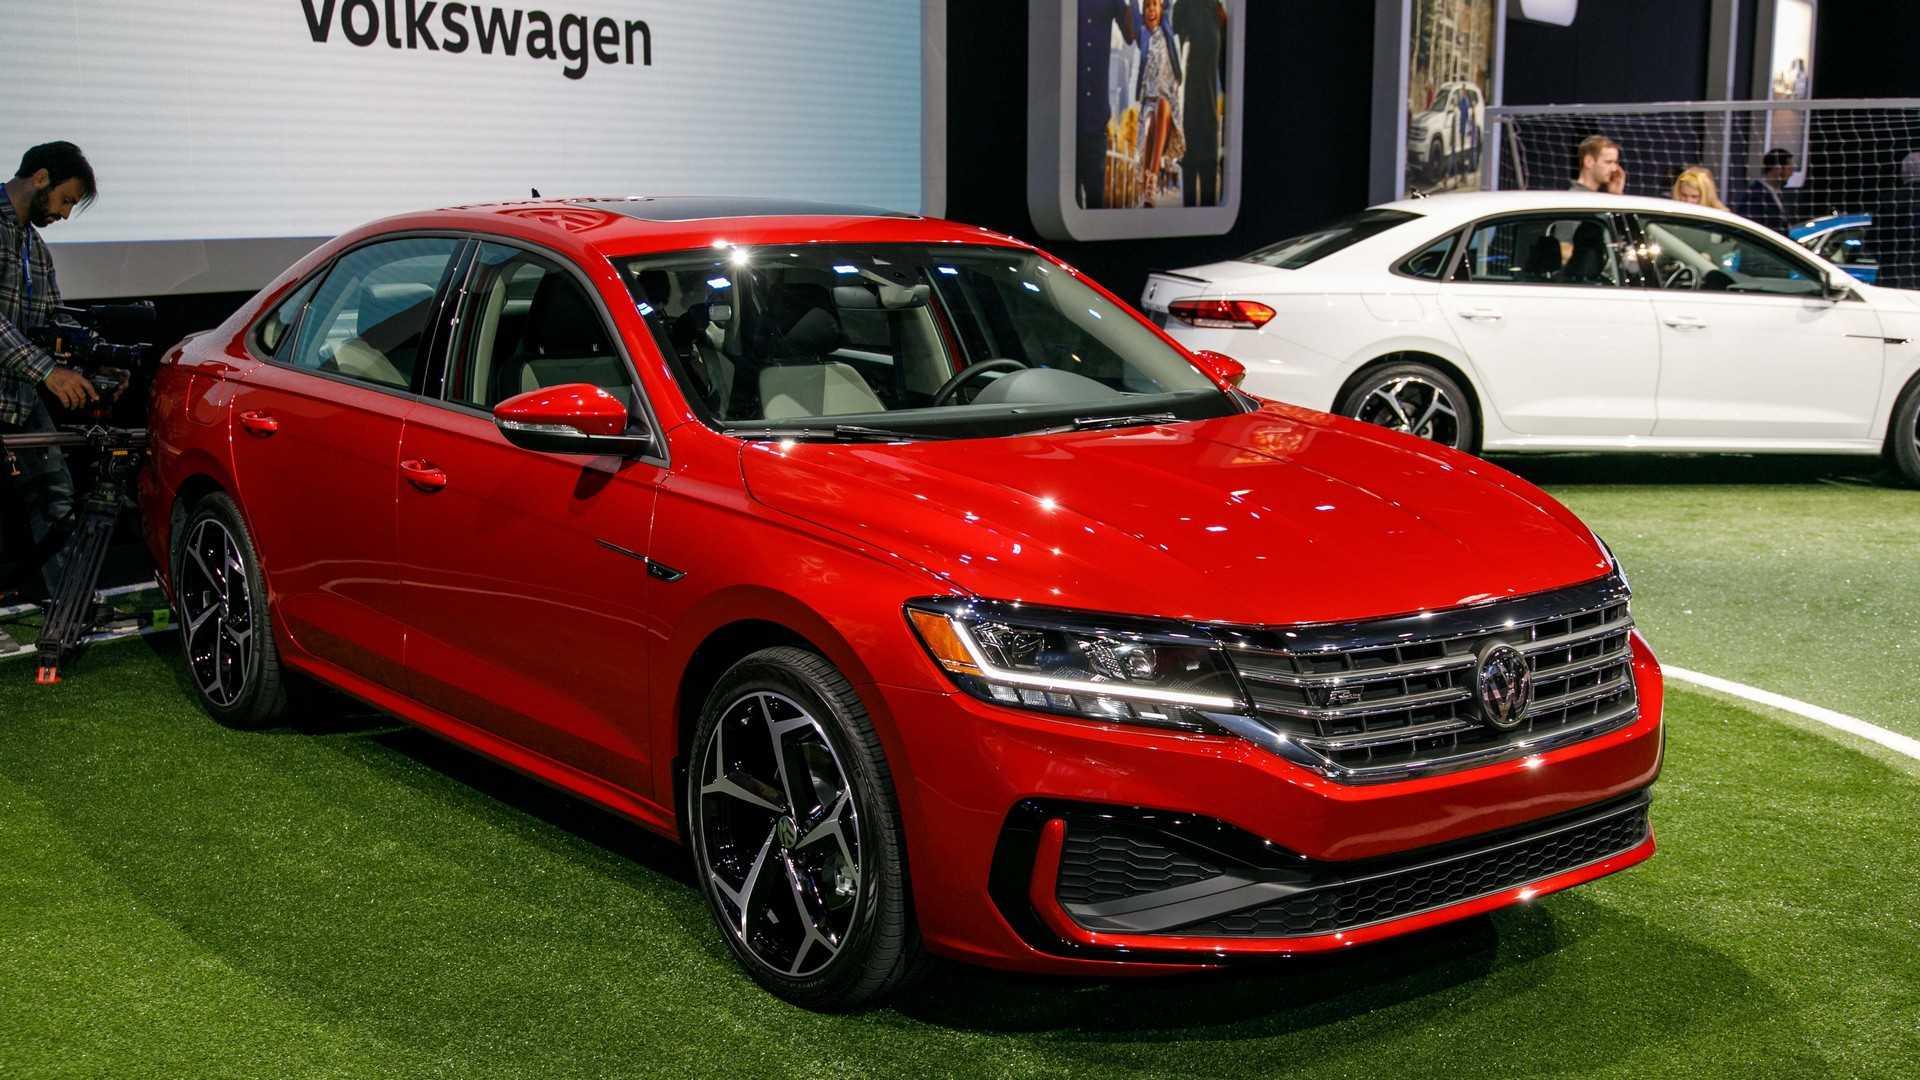 25 The Volkswagen Passat 2020 Style with Volkswagen Passat 2020